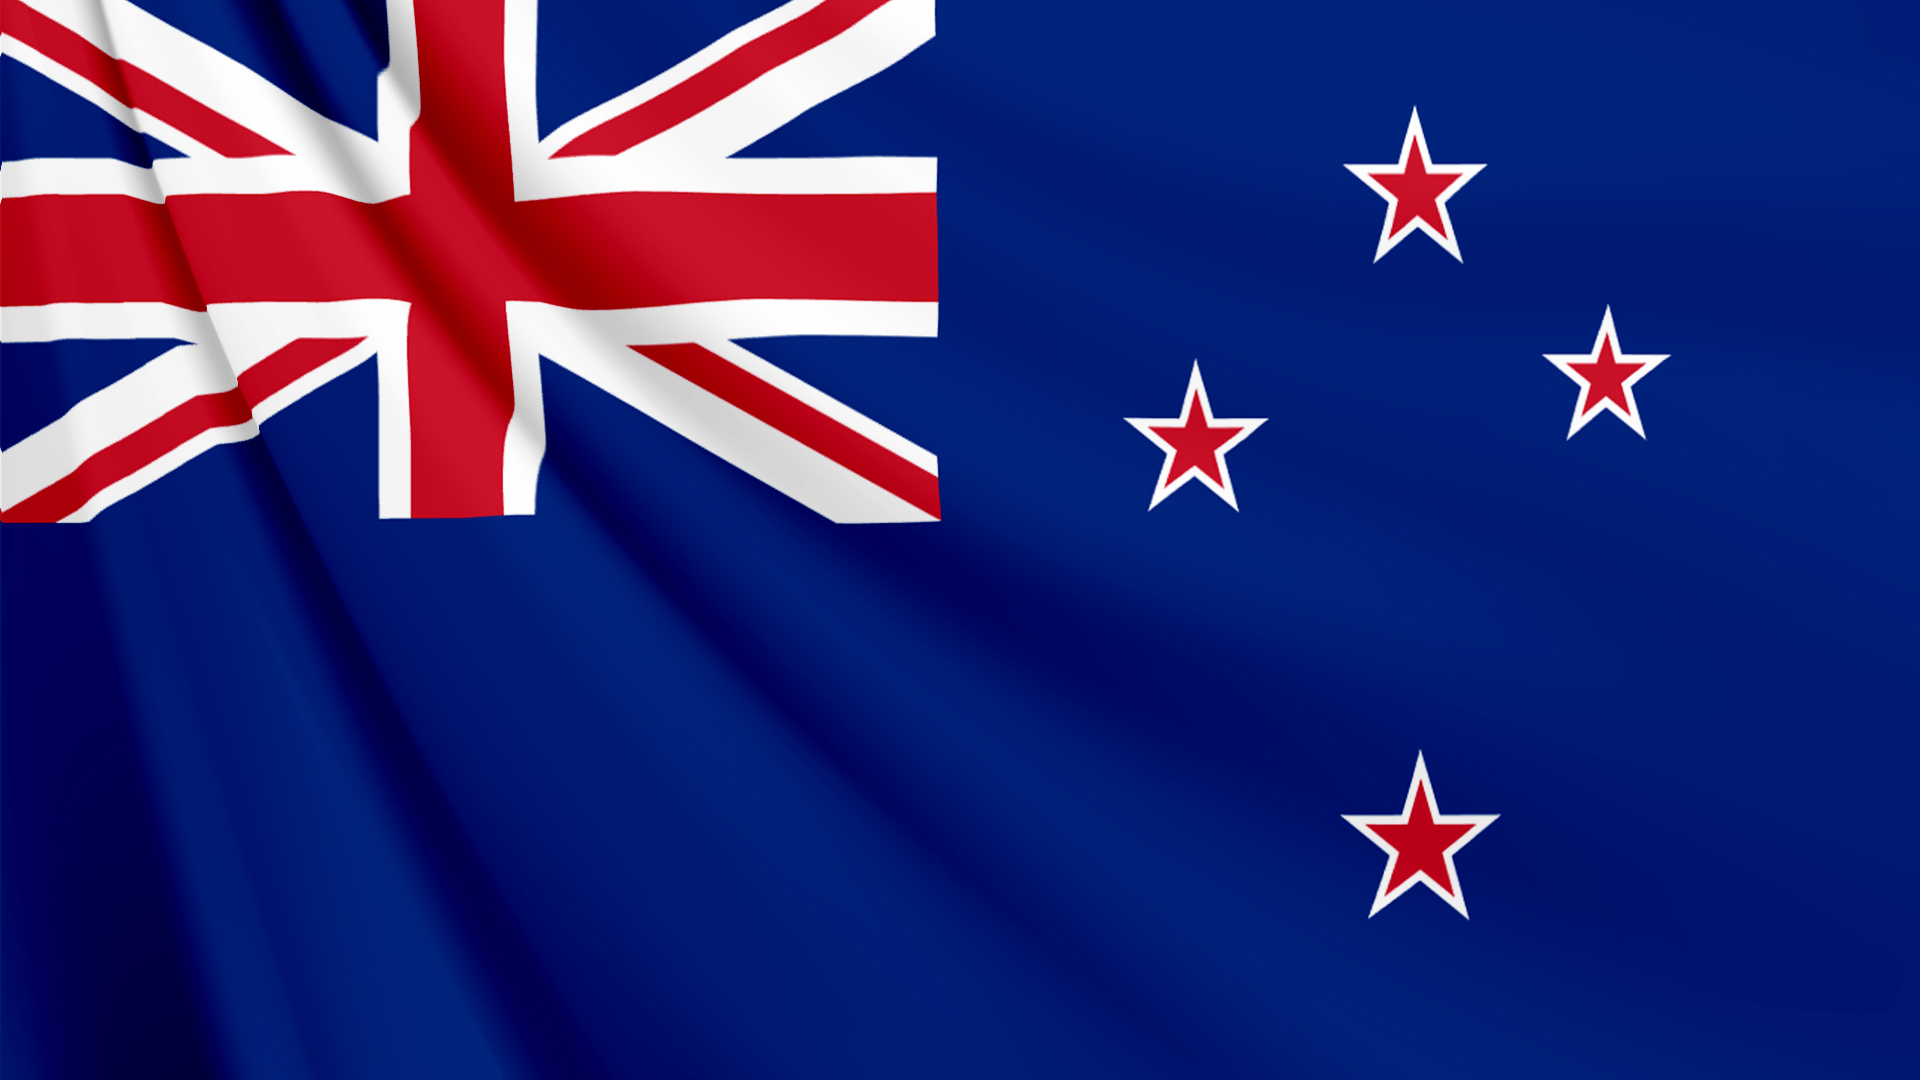 ニュージーランドの国旗 壁紙 画像 エムズライファー